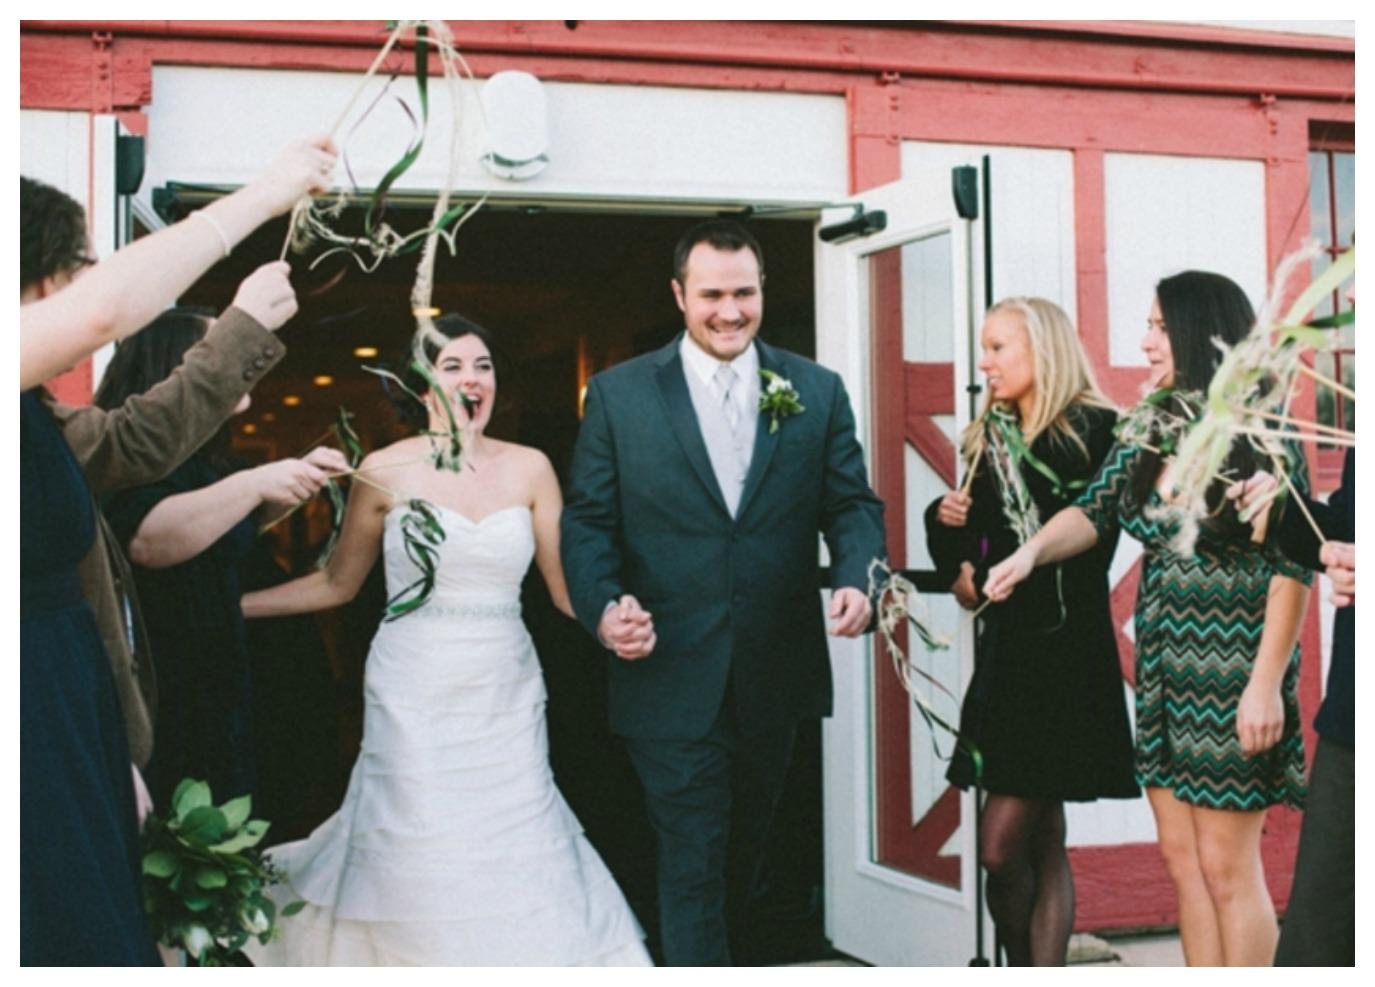 Modern Vintage Farm Wedding Sendoff with Ribbon Wands